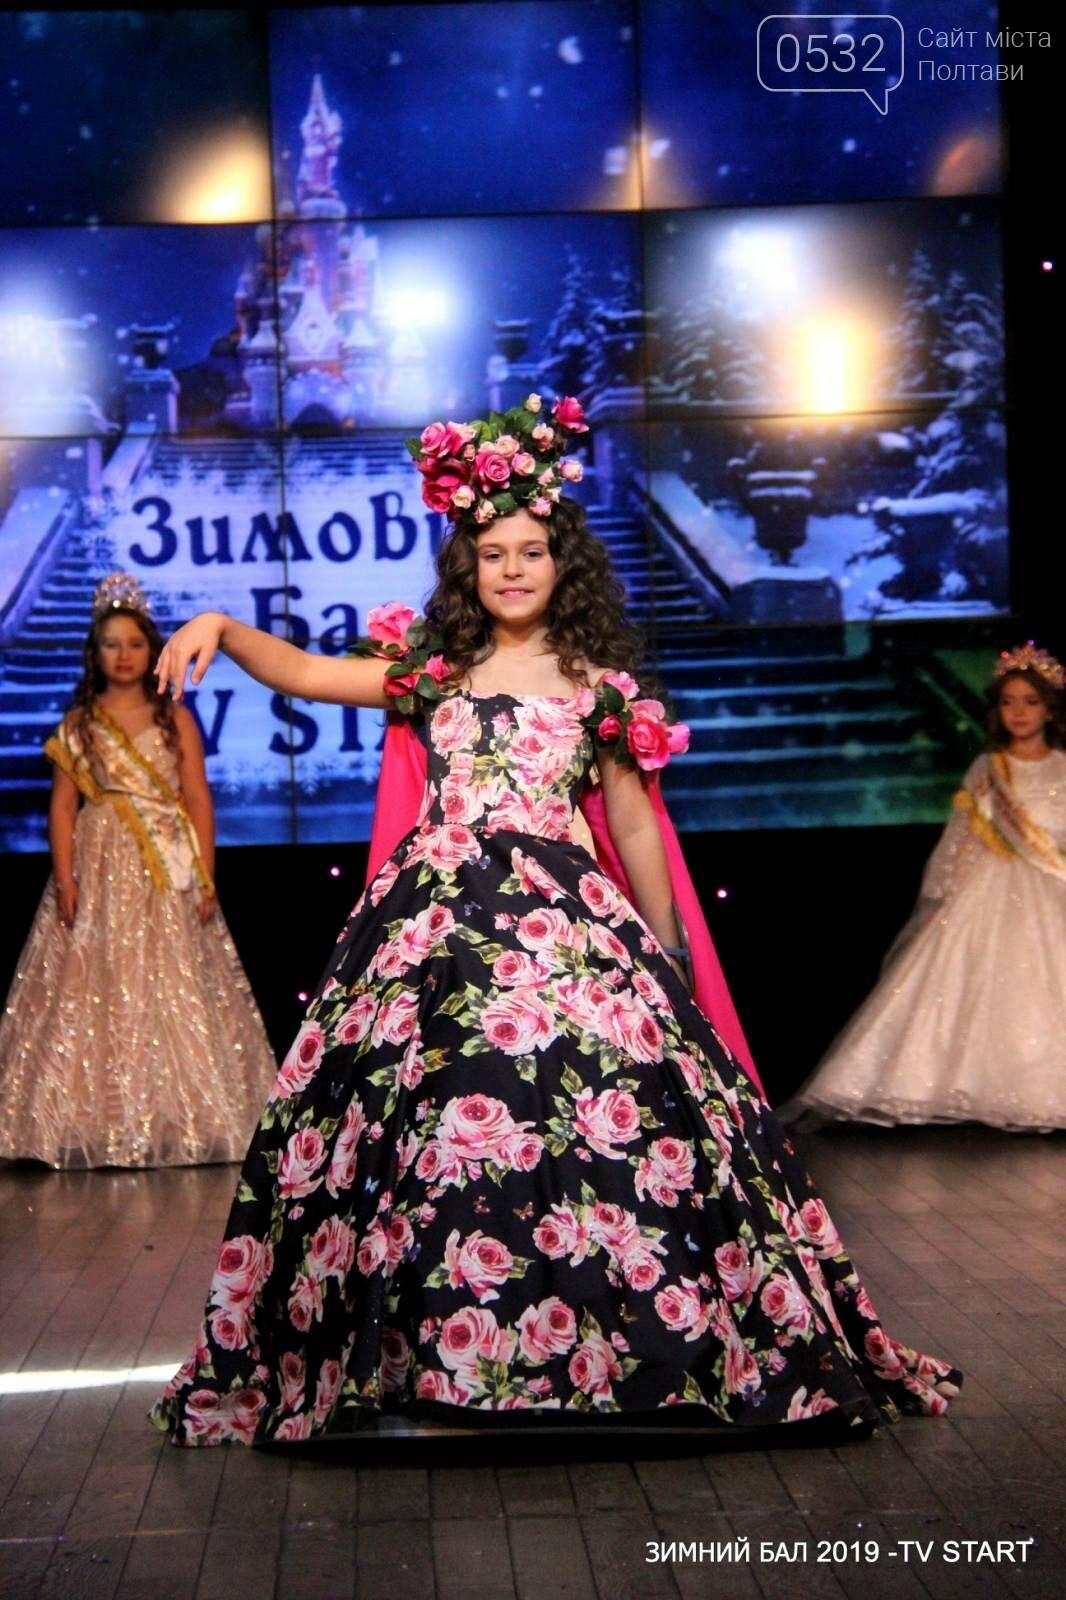 Вихованки Полтавської школи моделей «MARGO» вразили всіх на Зимовому балу у Києві, фото-4